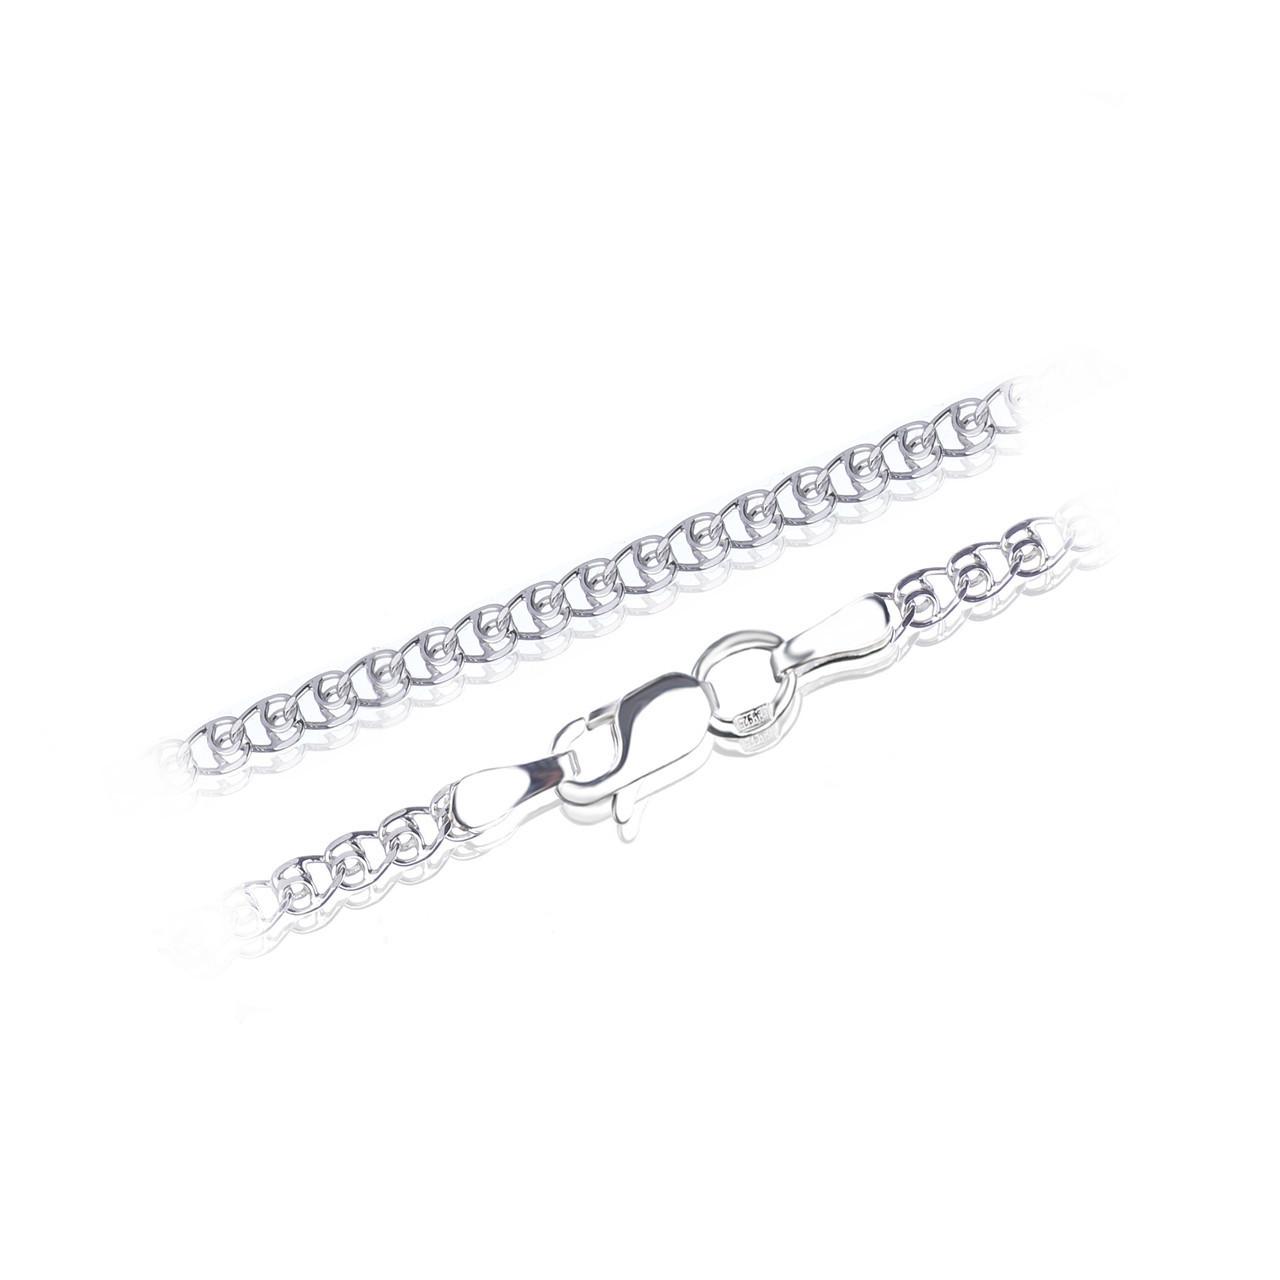 Родированная серебряная цепочка ЛАВ 2.5 мм, 45 см